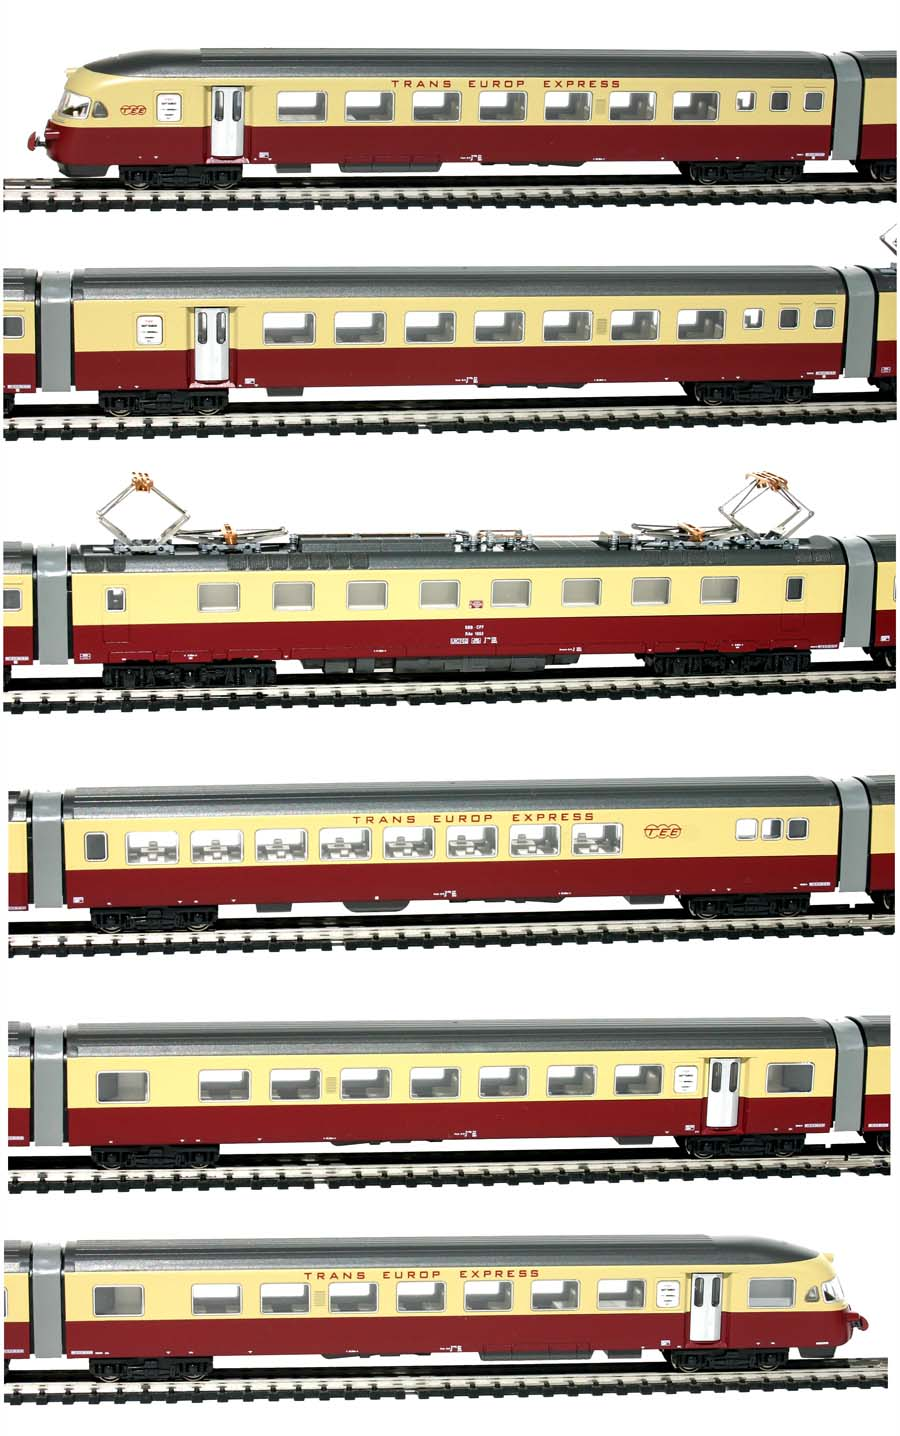 Hobbytrain-11400-RAe-II-1053-Triebwagenzug-TEE-SBB